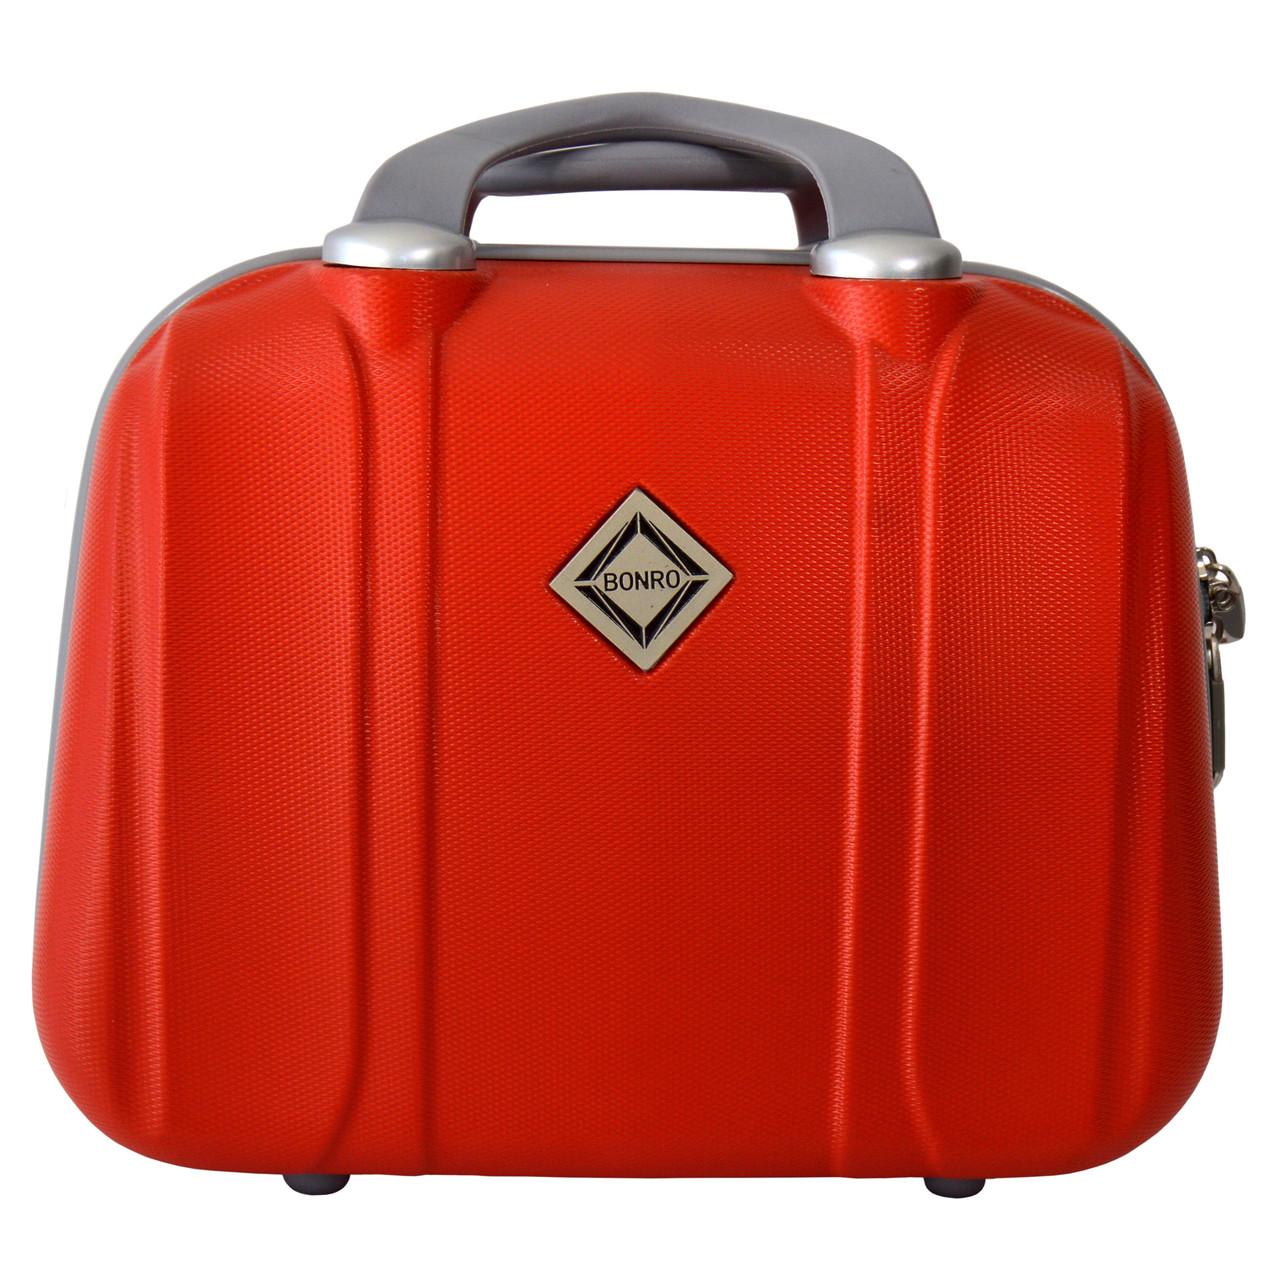 Сумка кейс саквояж Bonro Smile (небольшой) красный (red 601)